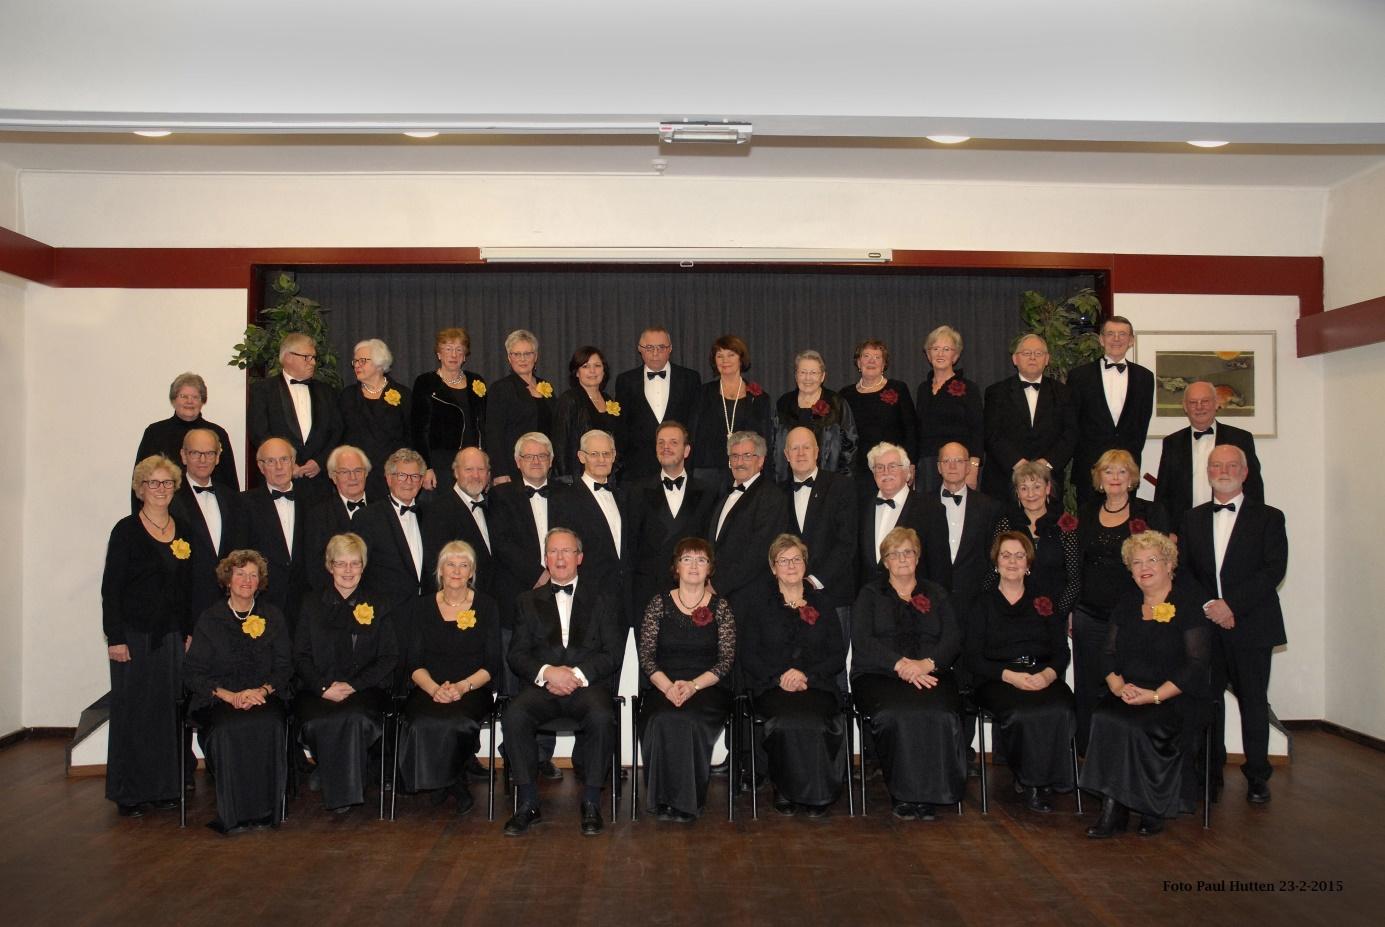 tilburgse-opera-koor-groeps-foto